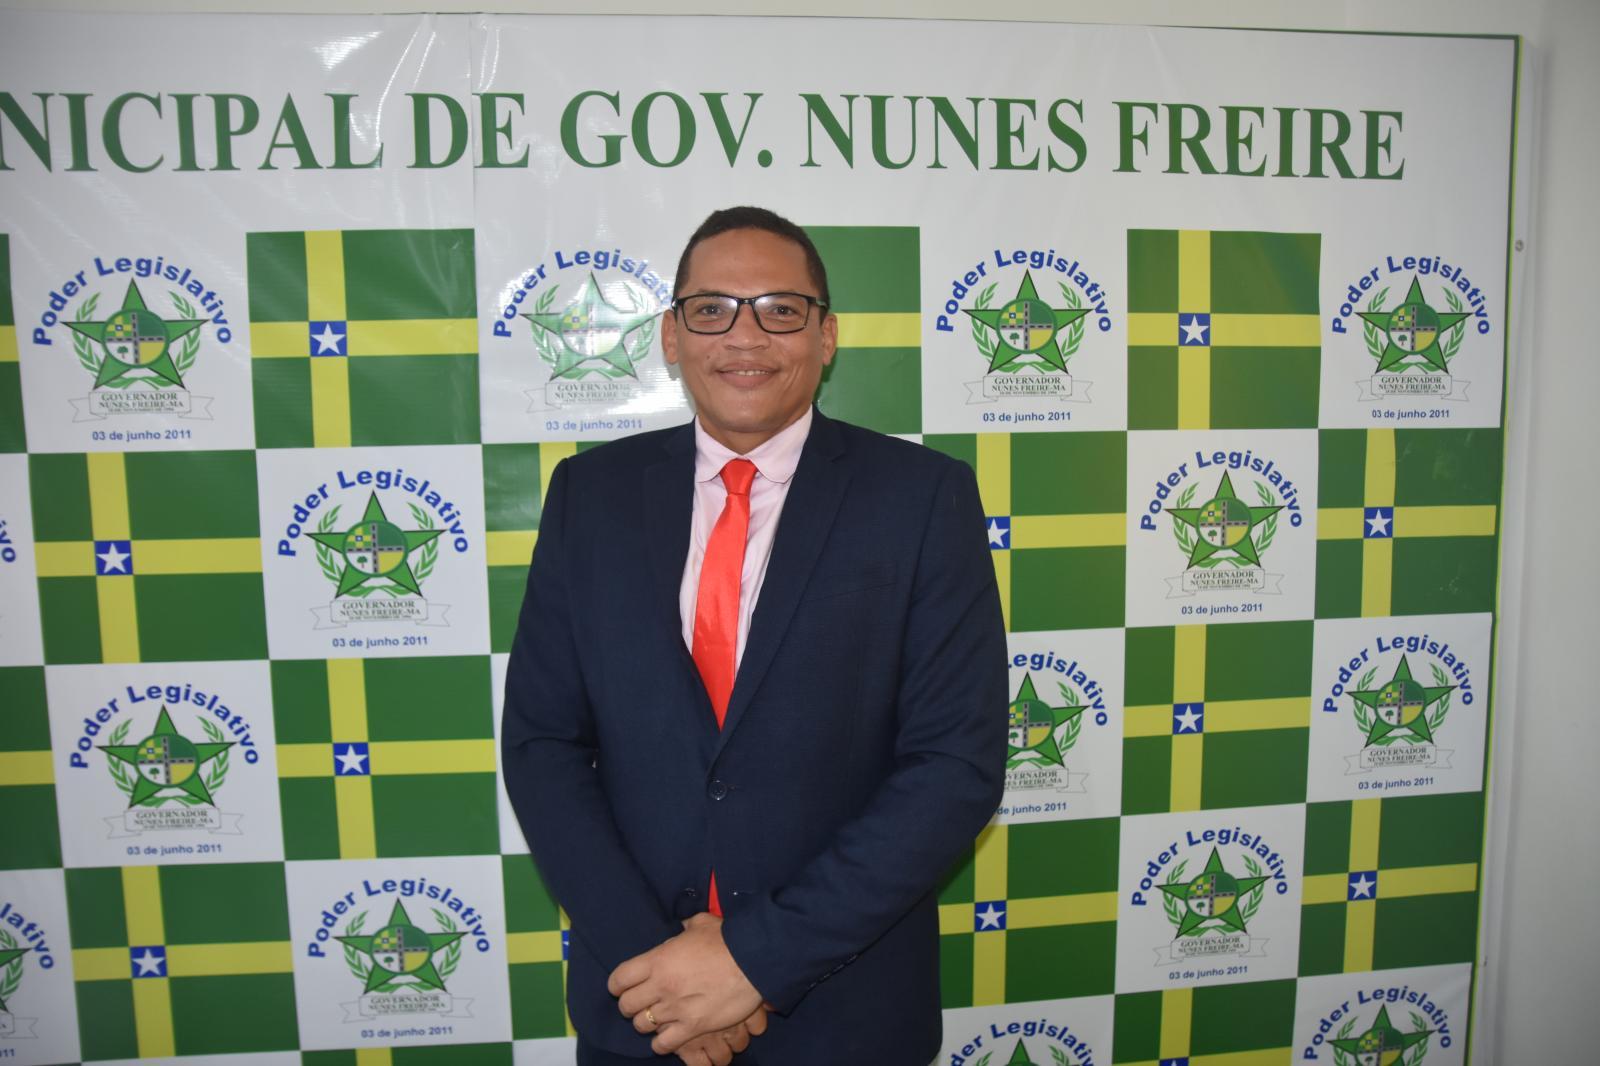 Governador Nunes Freire sedia o primeiro treinamento direcionado para vereadores e servidores do Poder Legislativo